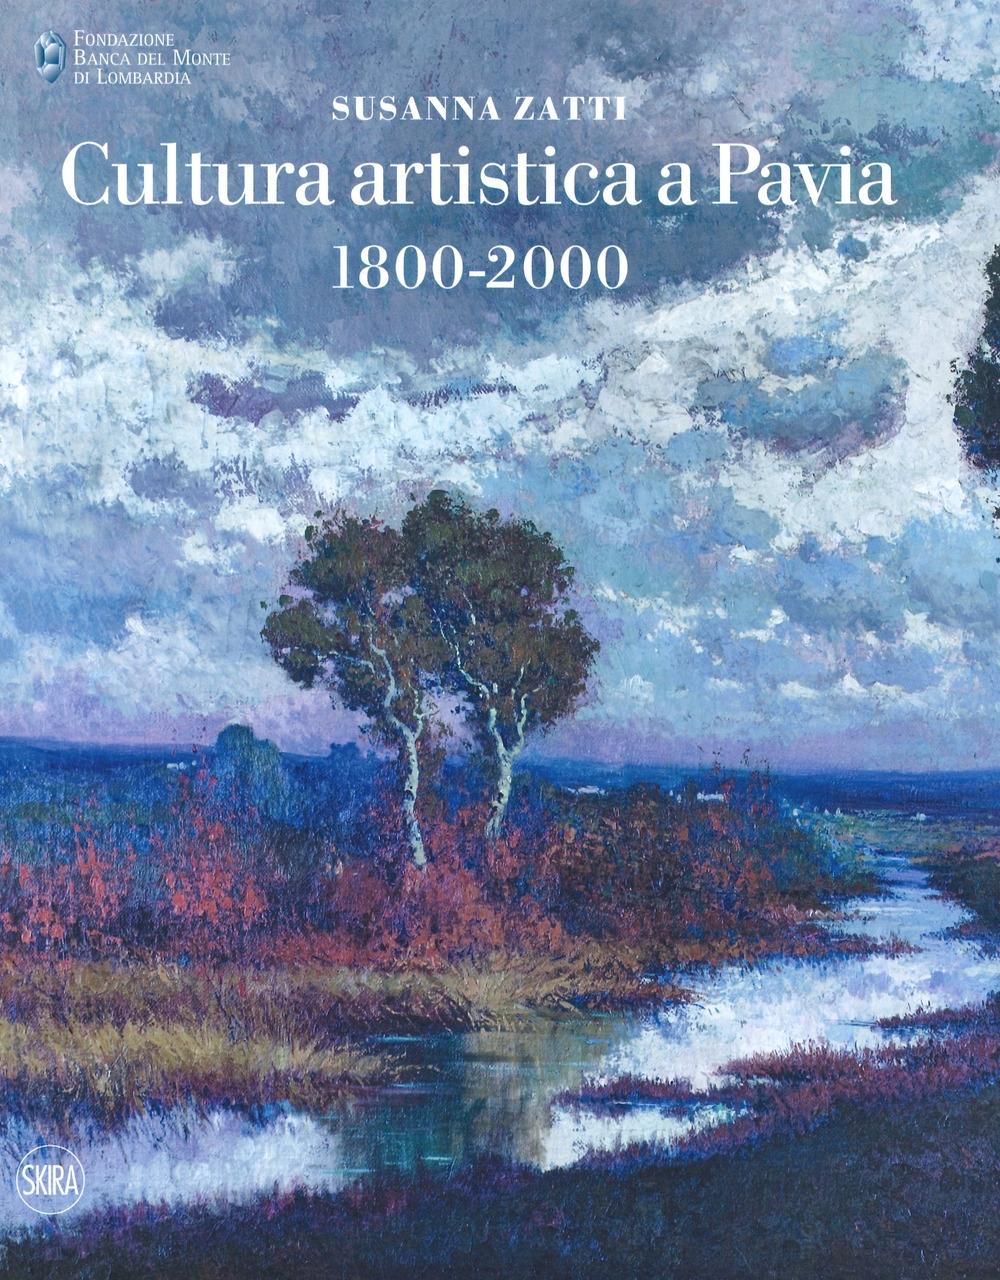 Cultura artistica a Pavia 1800-2000.